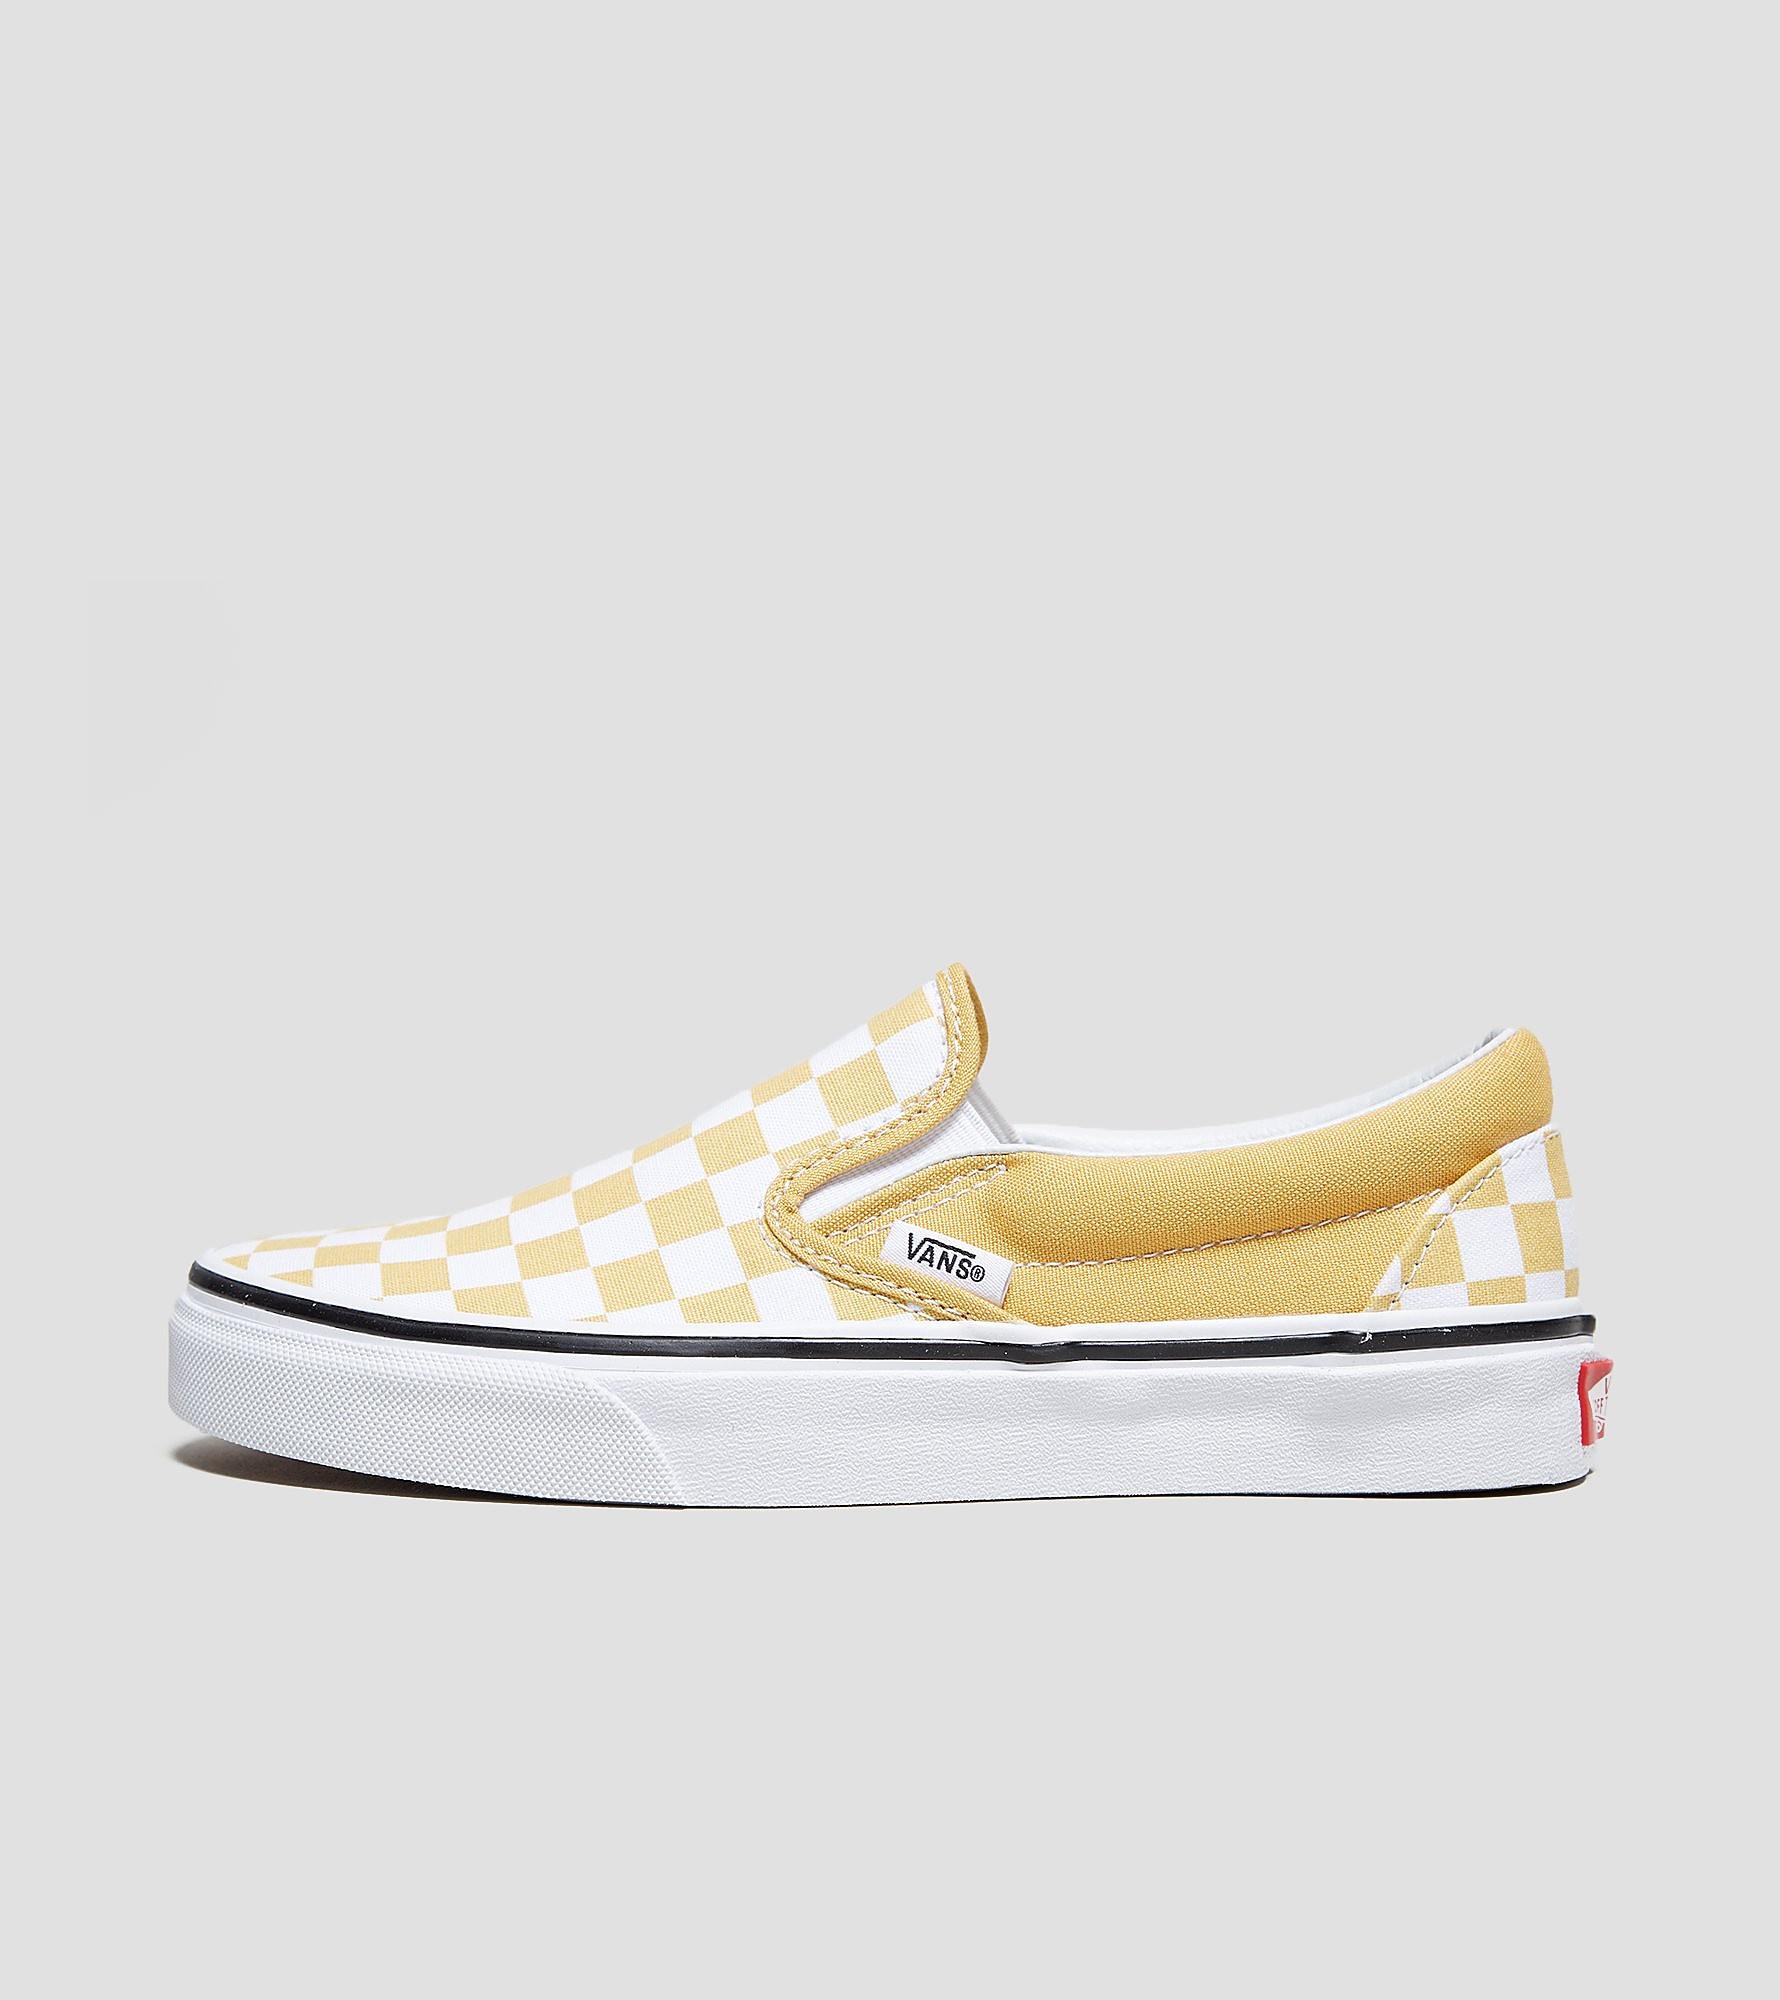 Vans Slip On Checkboard Women's